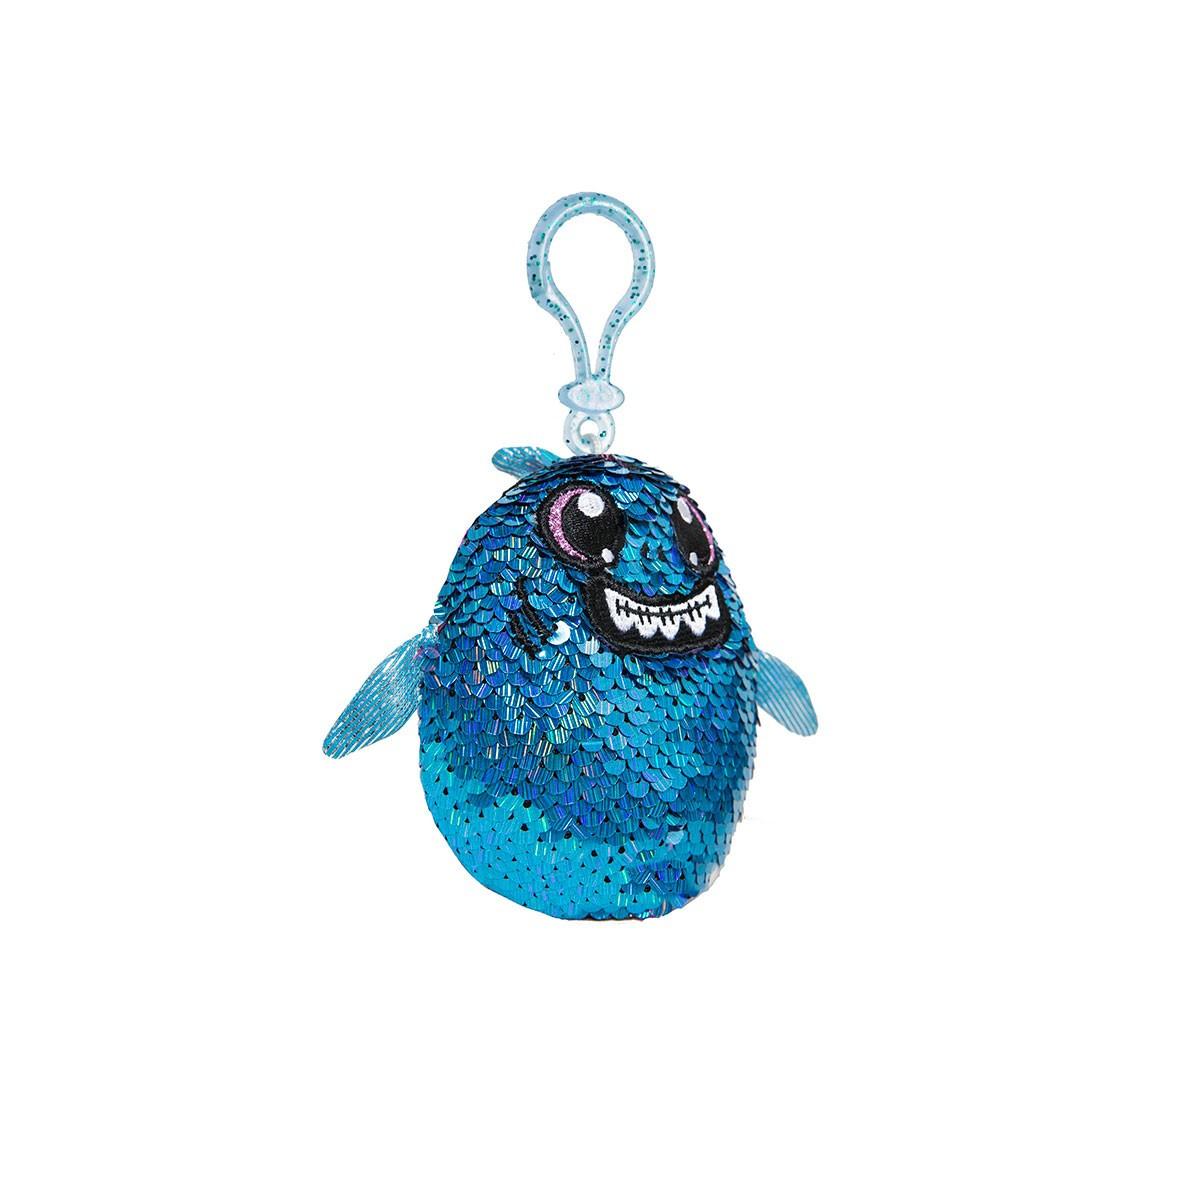 М'яка Іграшка з паєтками Shimmeez S2 - Акула Зубастик (9 см, на клипсі)